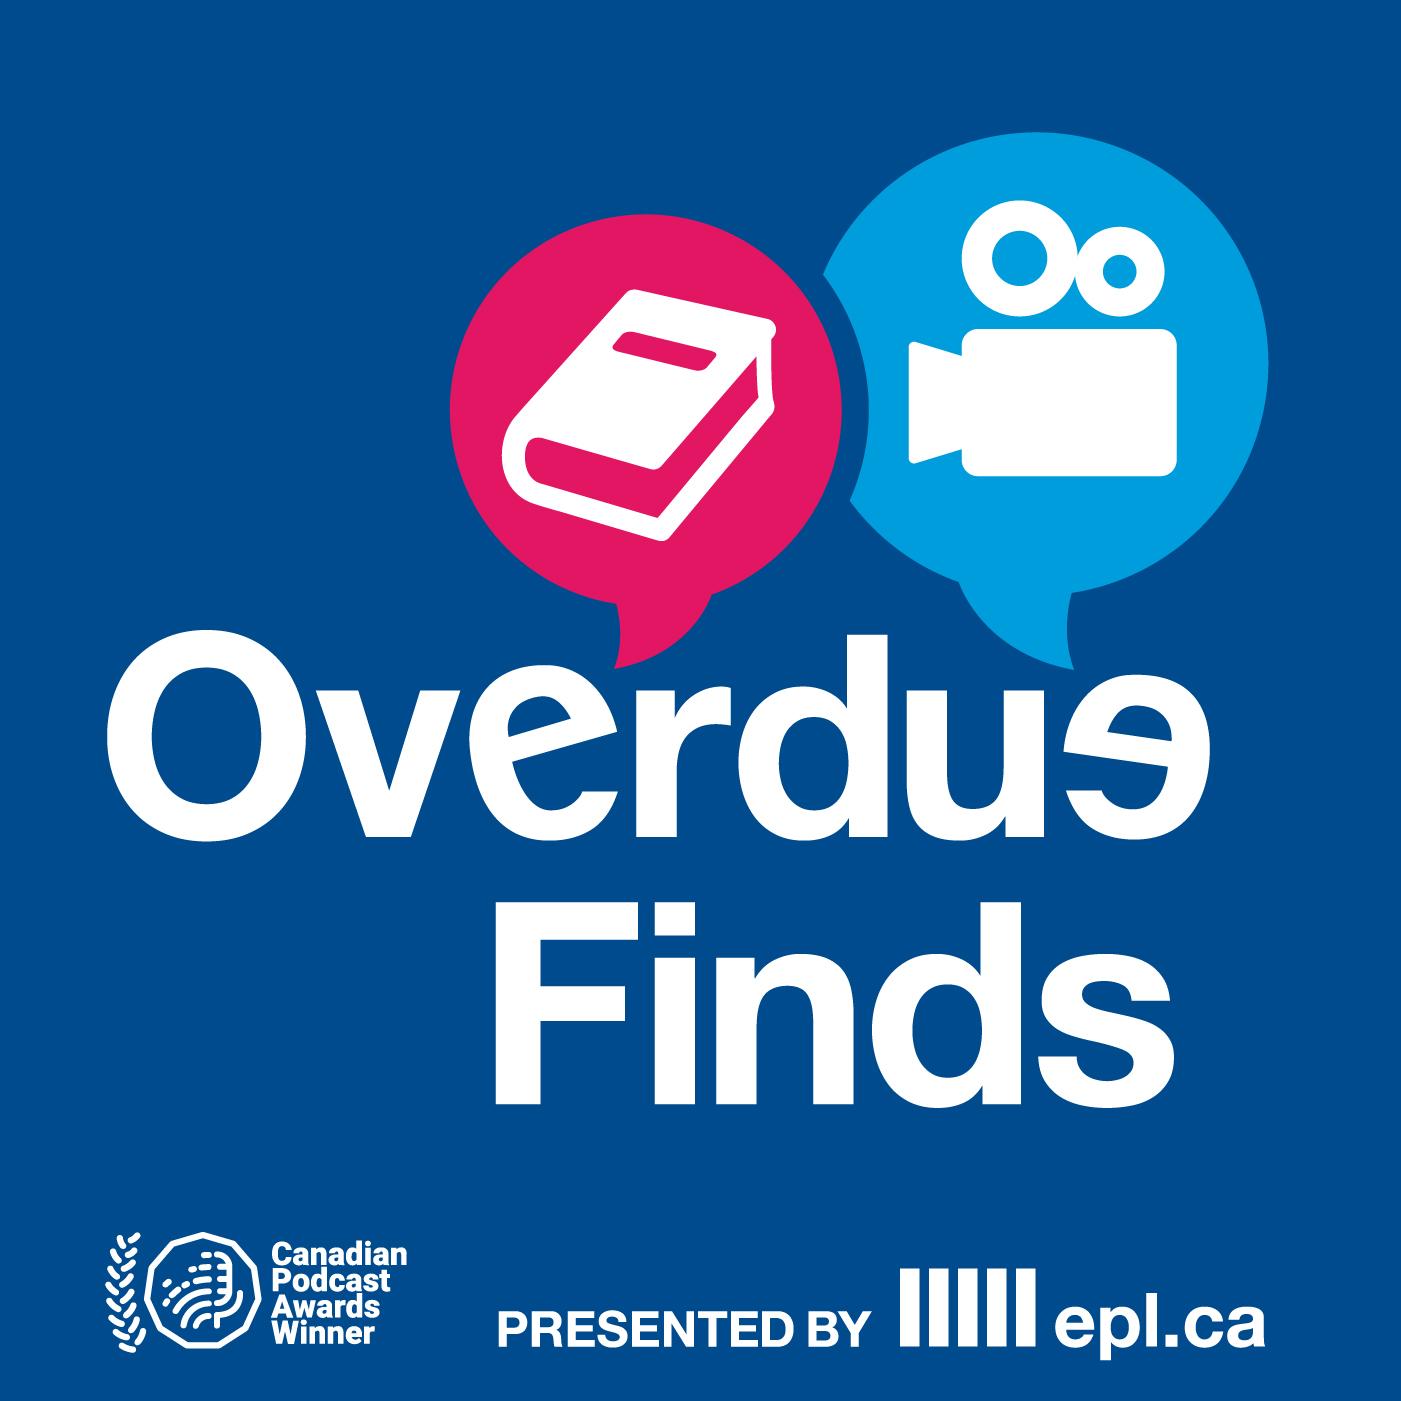 OverdueFinds_PodcastAwards_April2019CoverImage_Episode_1400x1400